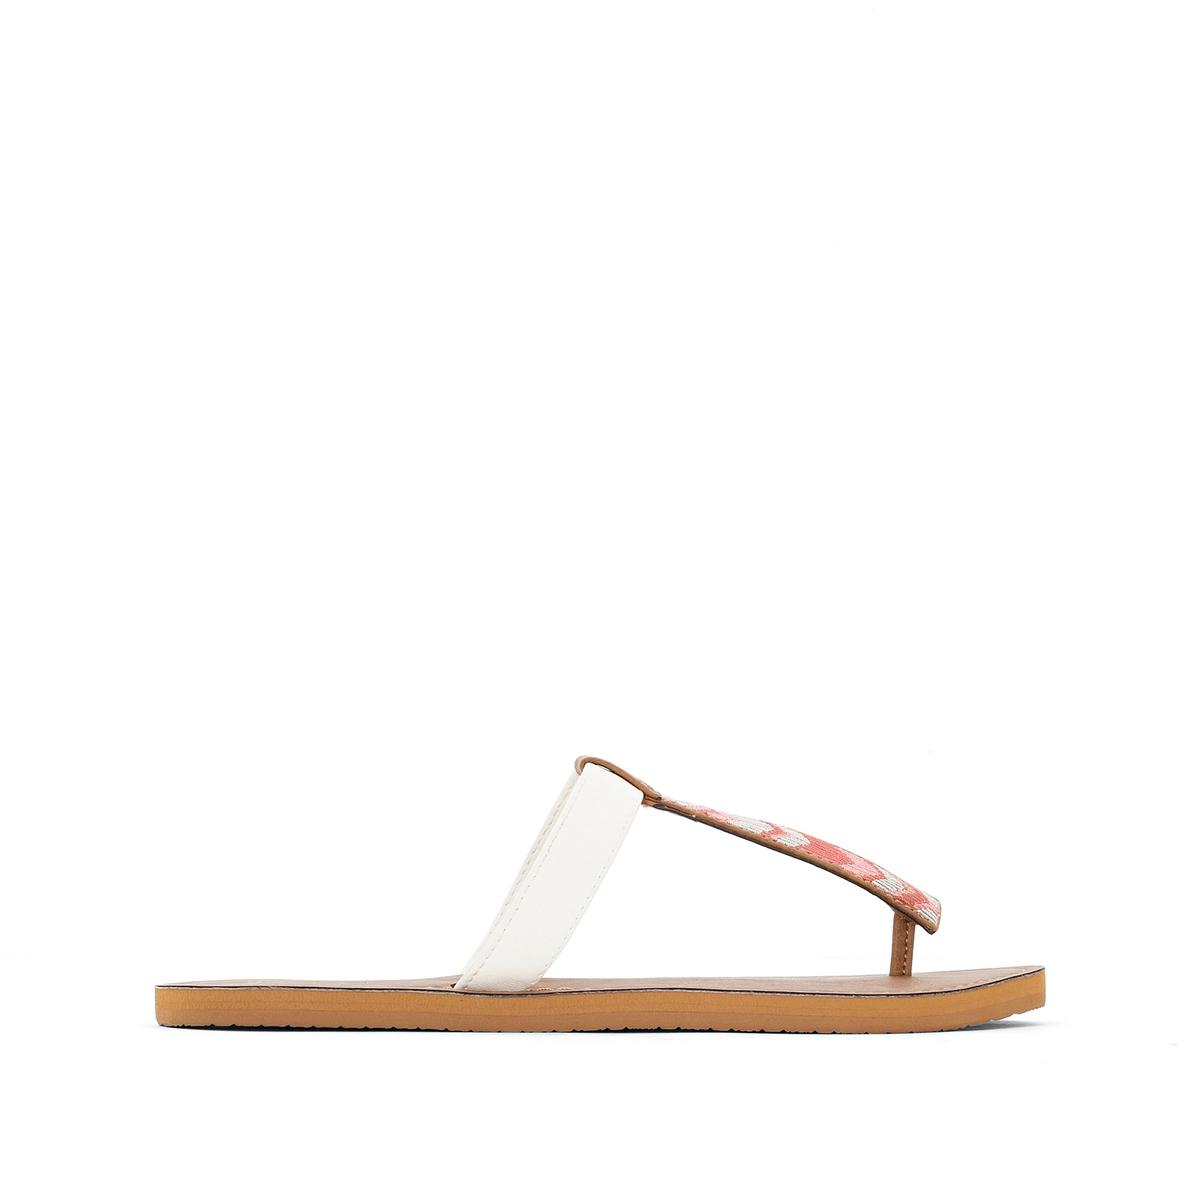 Босоножки ZanzibarВерх/Голенище : синтетика   Стелька : синтетика   Подошва : каучук   Форма каблука : плоский каблук   Мысок : открытый мысок   Застежка : без застежки<br><br>Цвет: темно-бежевый<br>Размер: 38